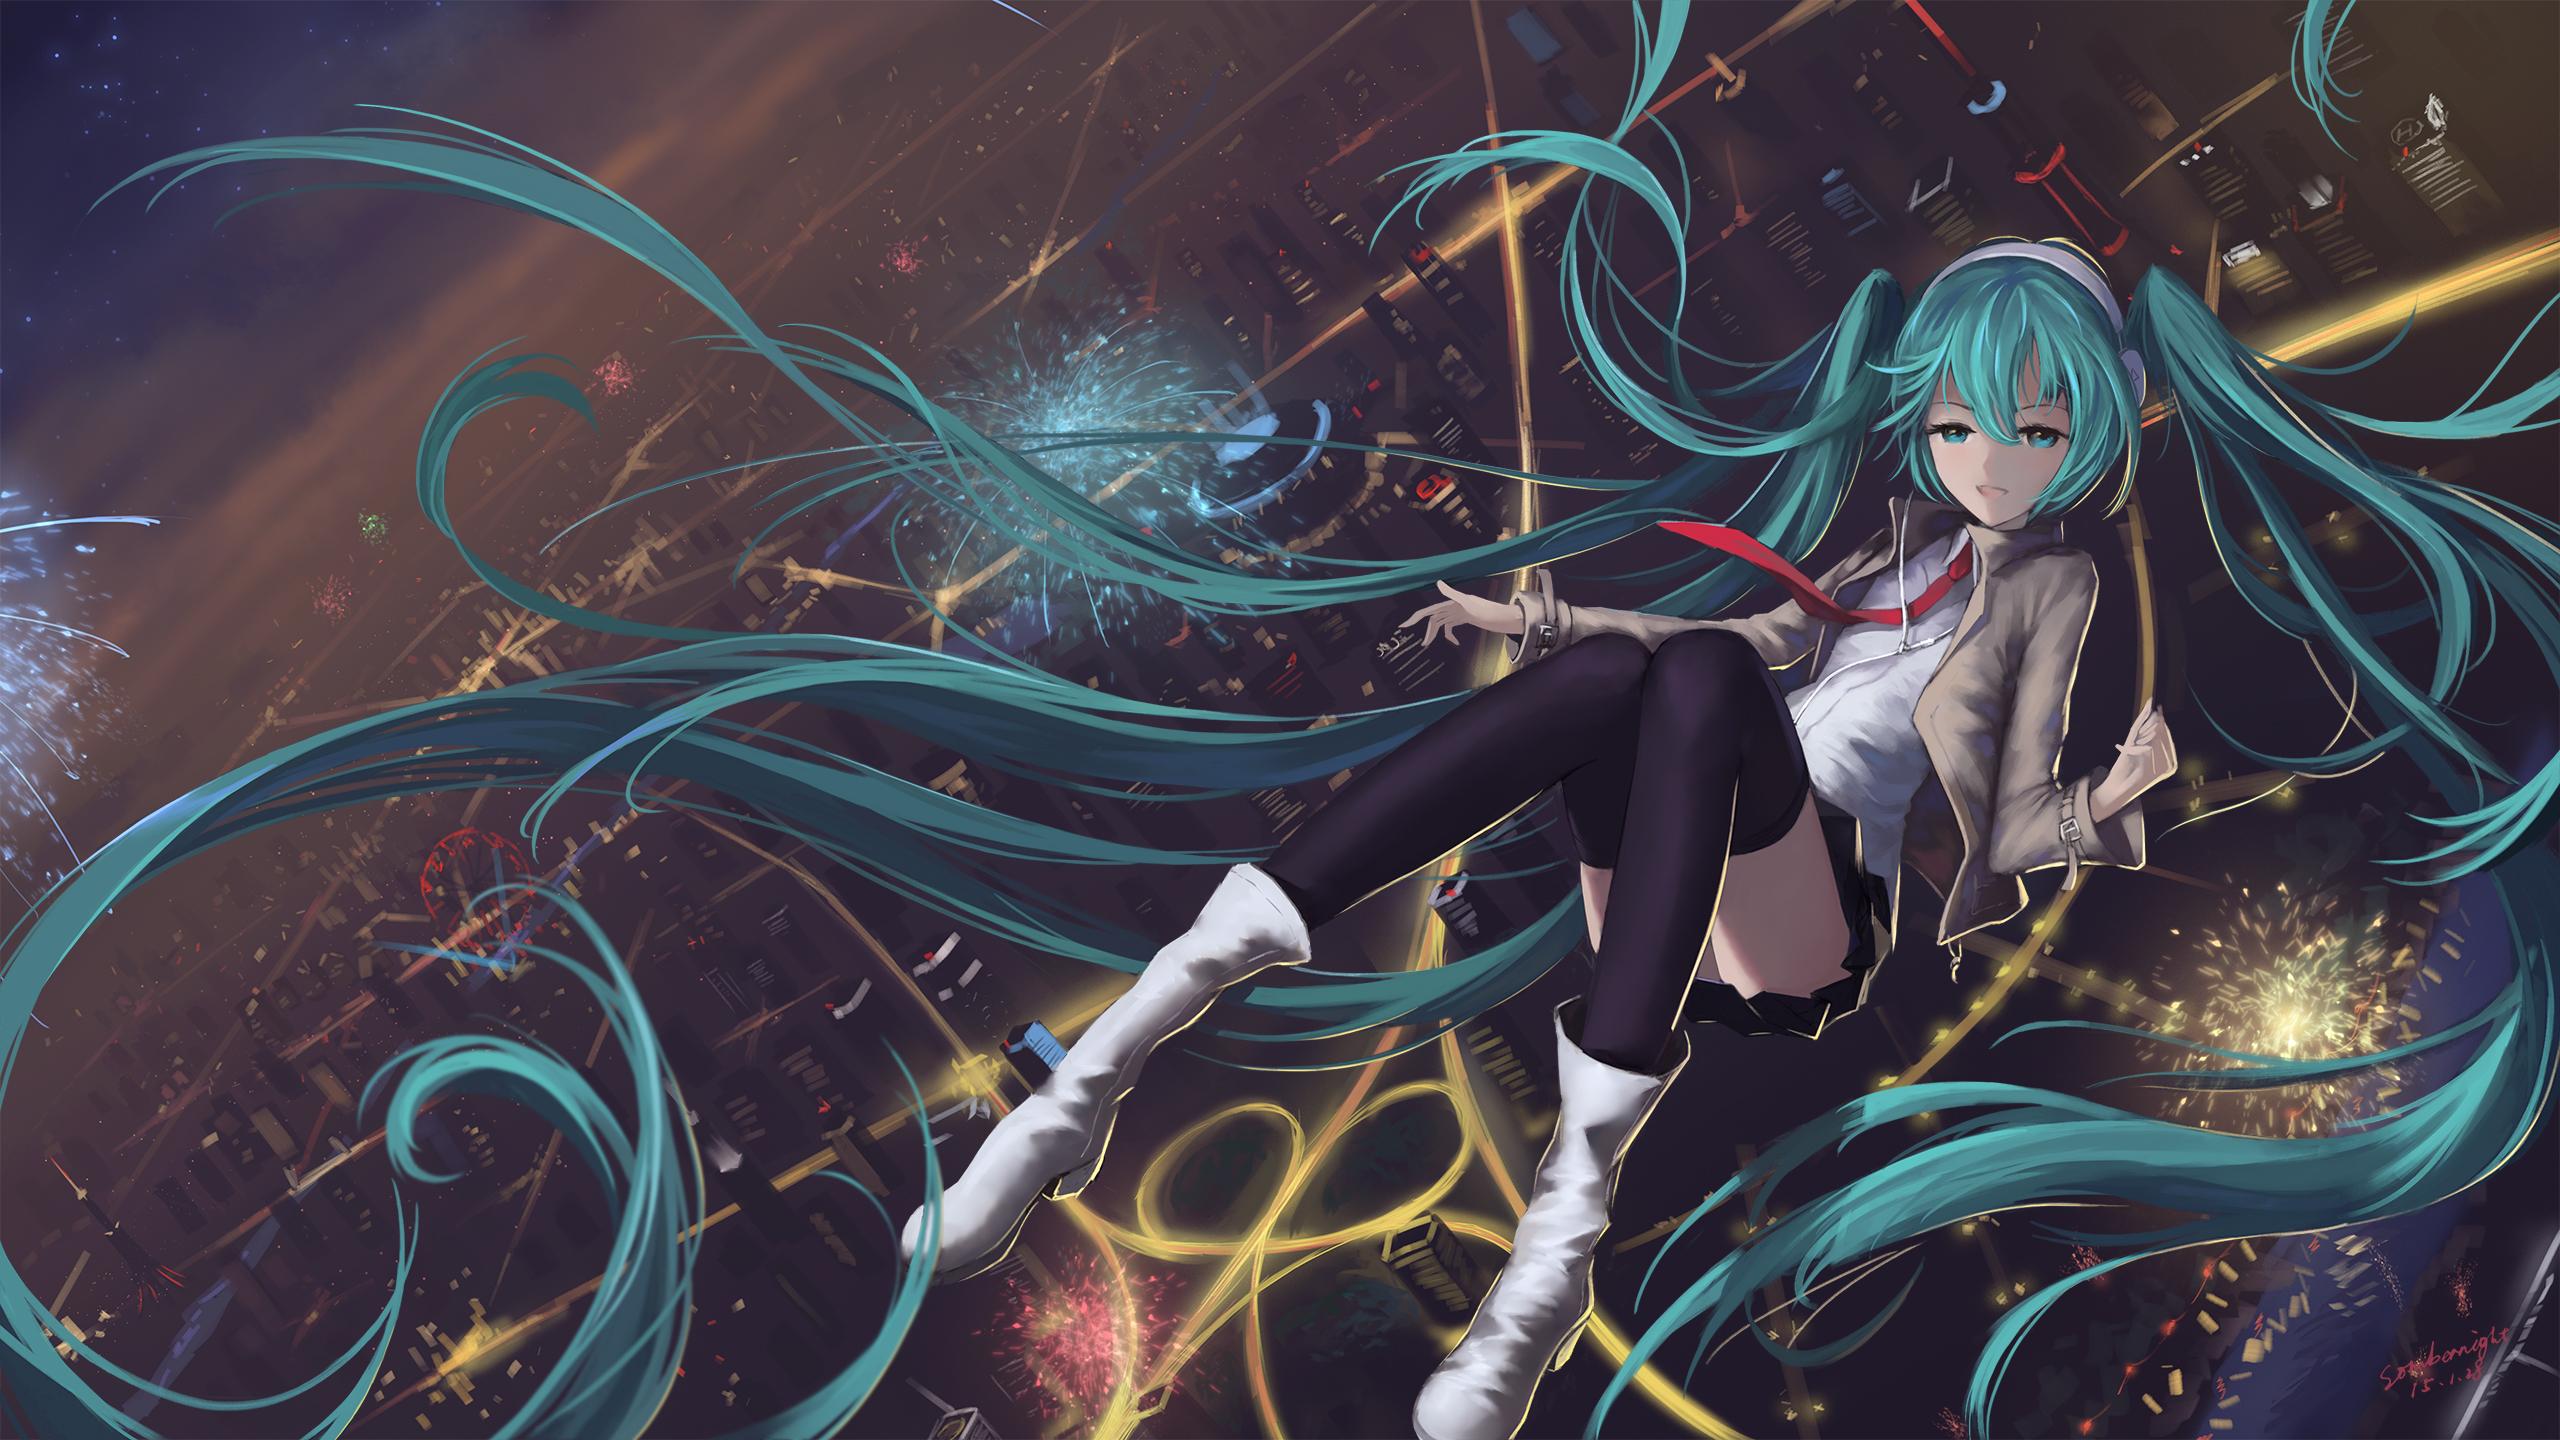 Vocaloid fondo de pantalla hd fondo de escritorio - Anime para fondo ...